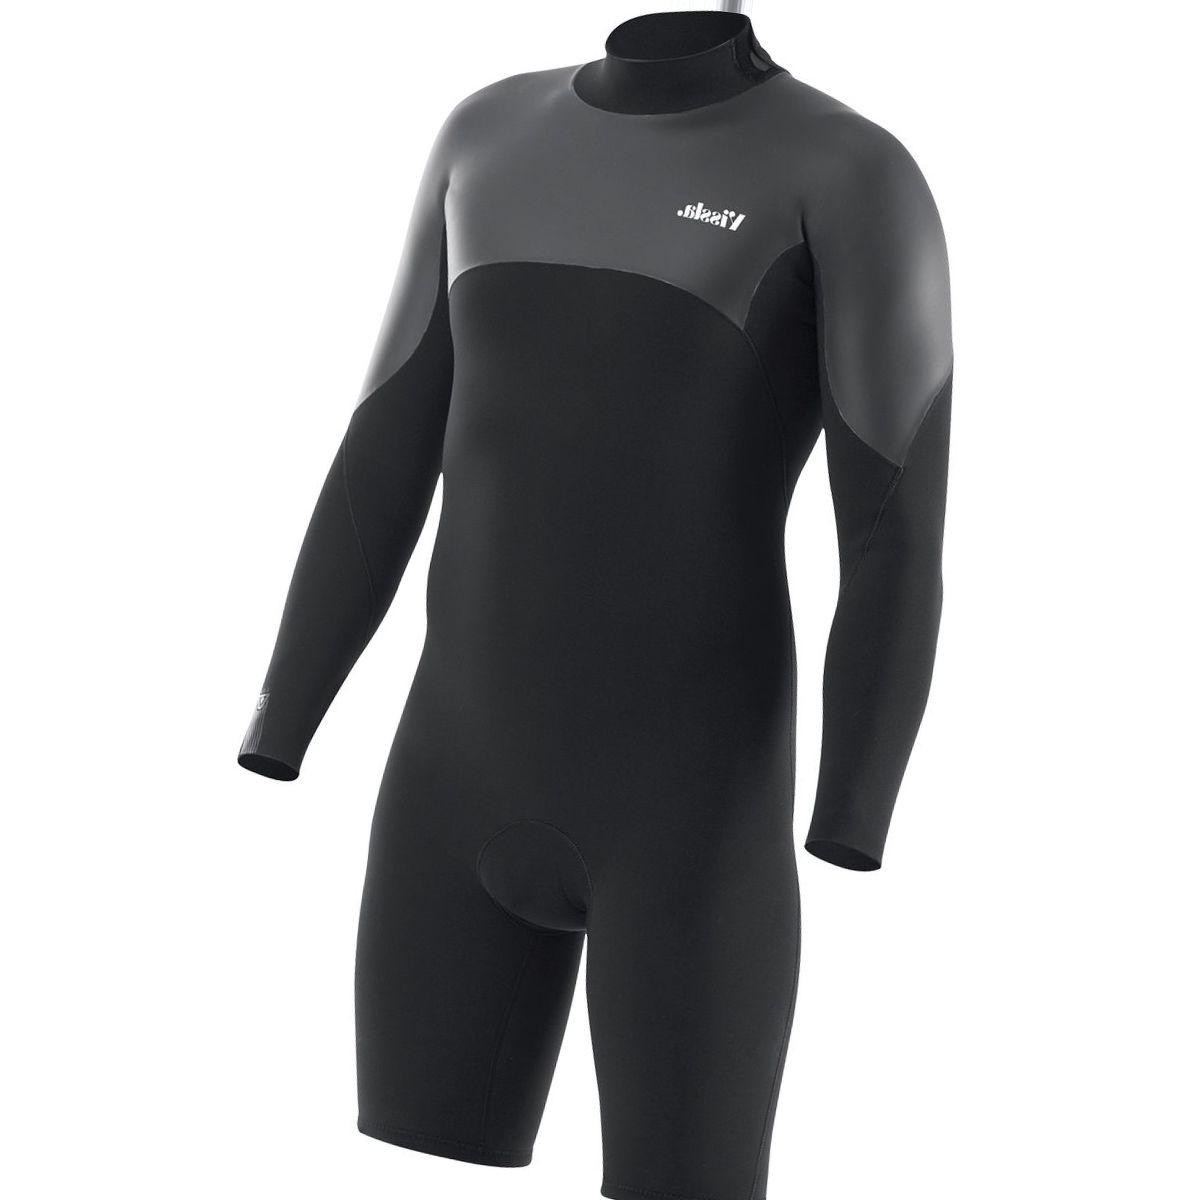 Vissla 7 Seas Back Zip Long-Sleeve Spring Wetsuit - Men's